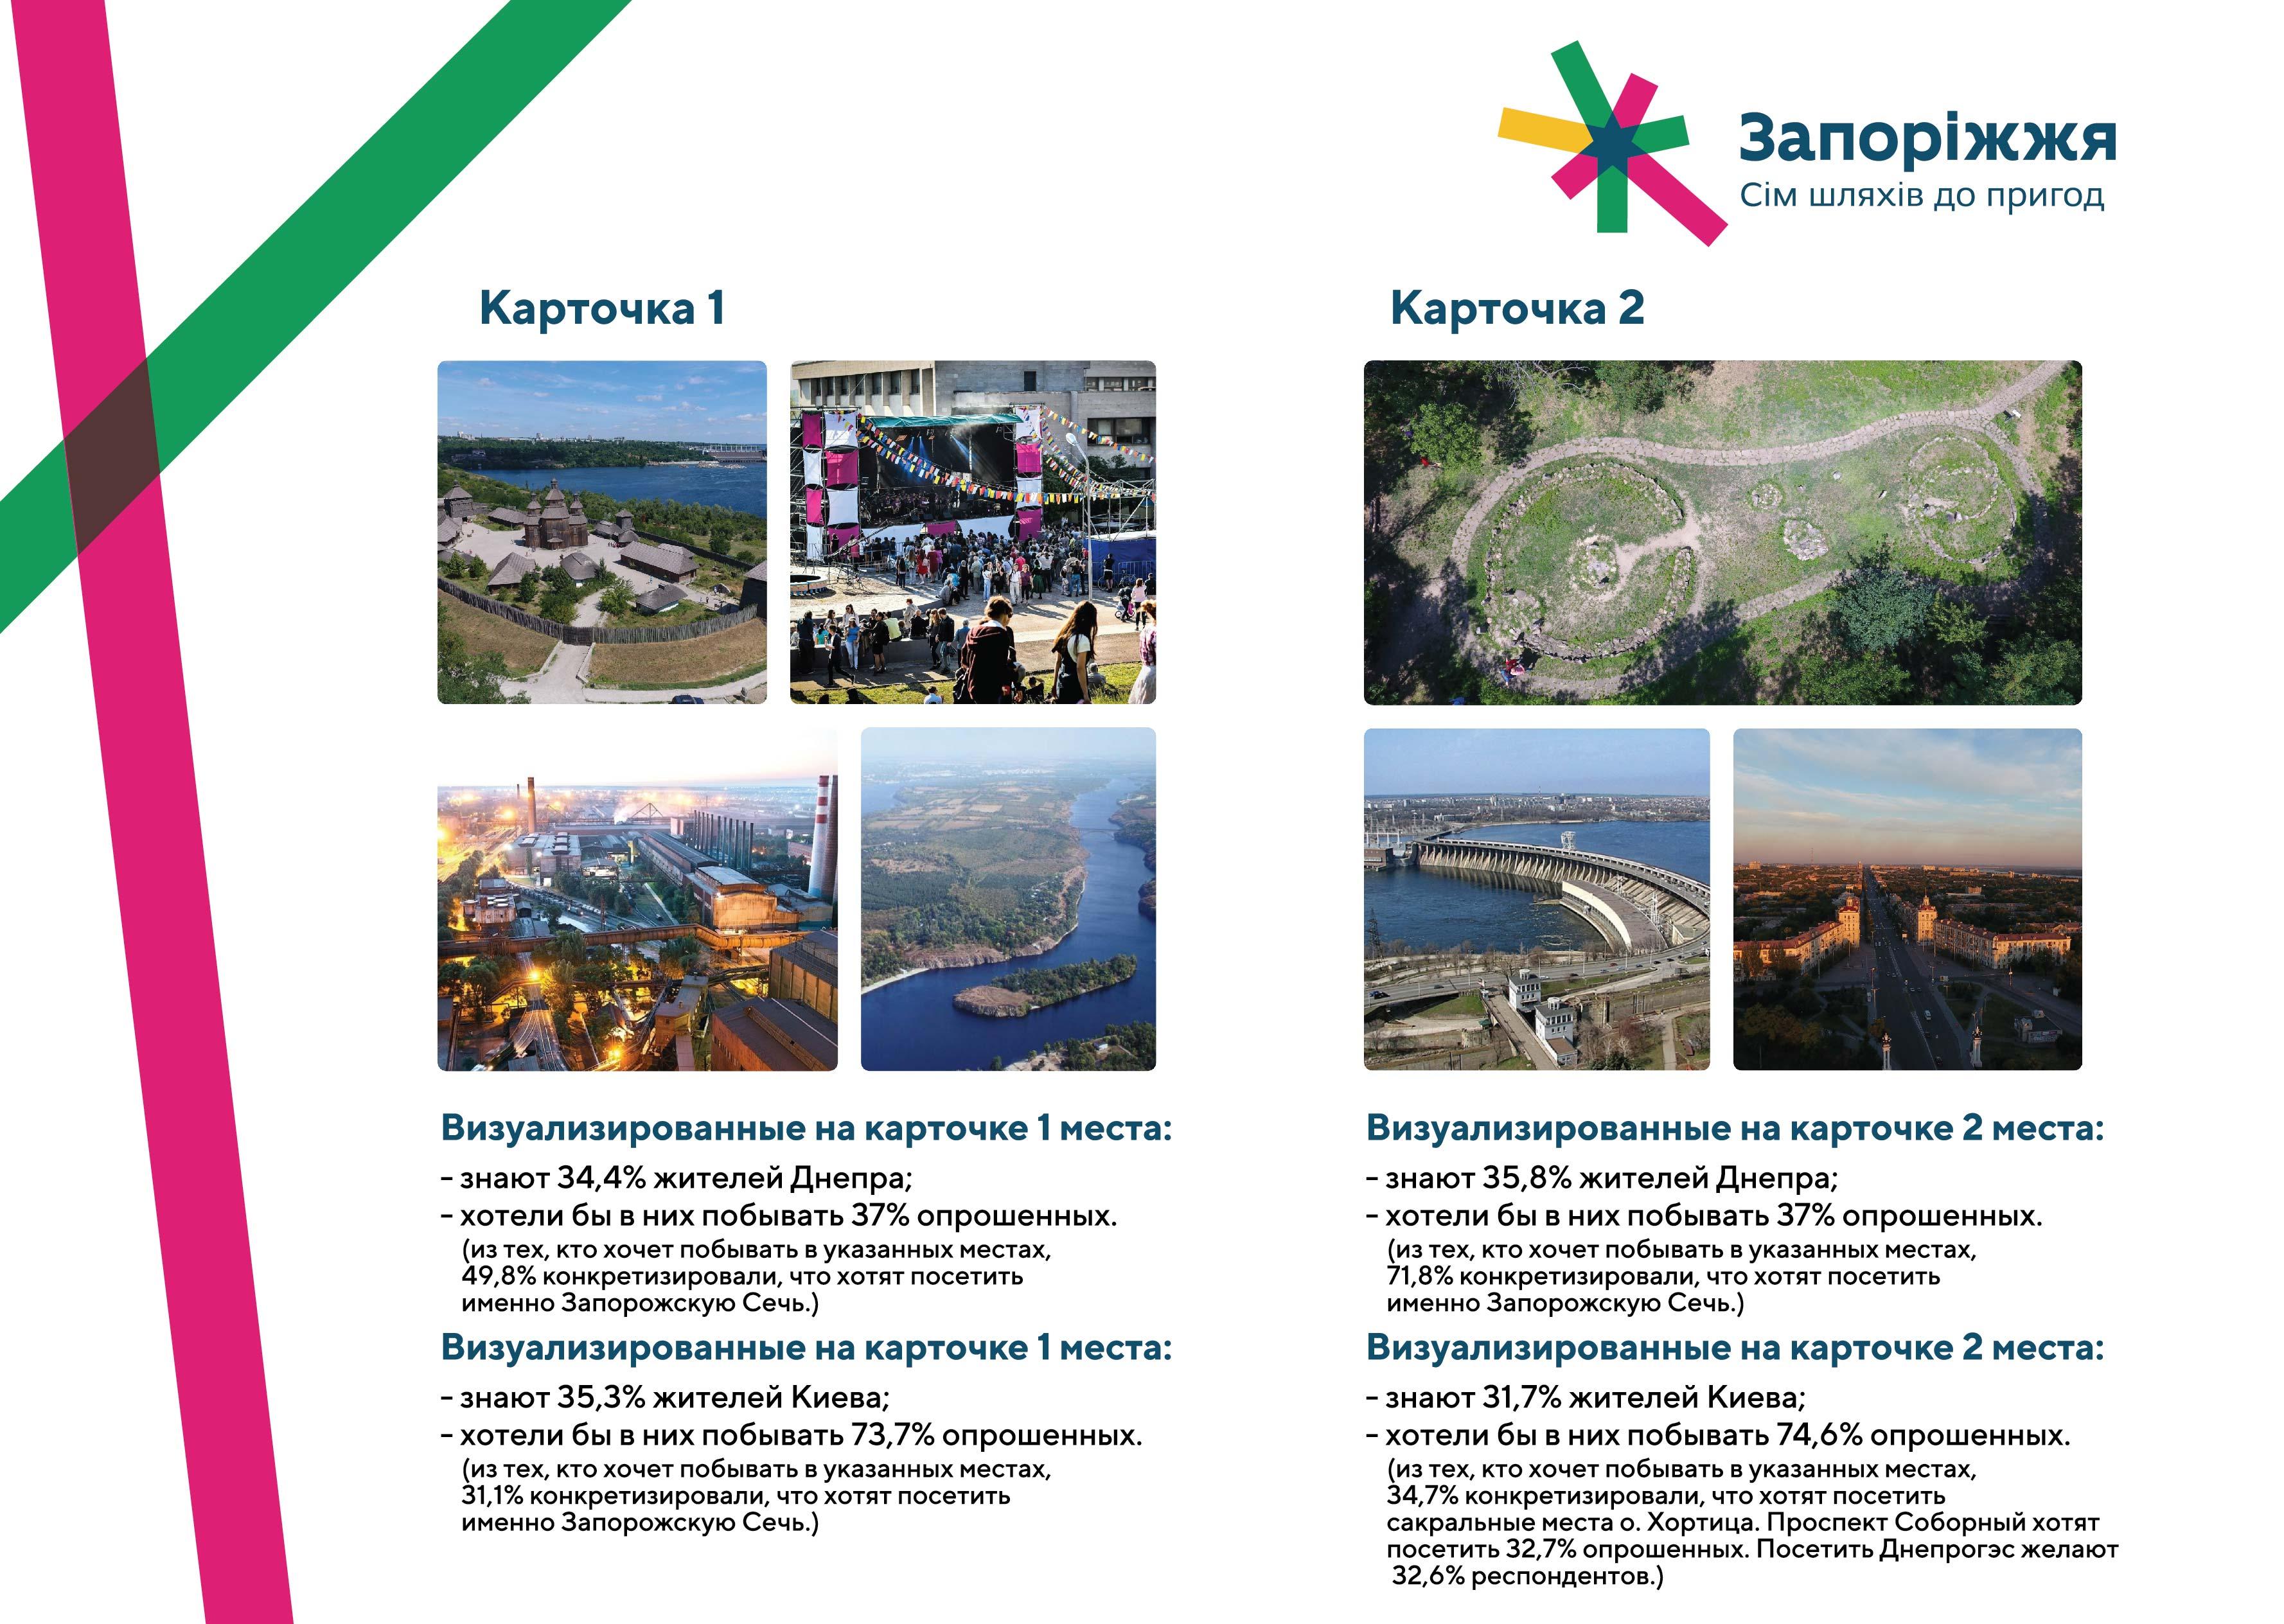 презентация-днепр-киев-12.jpg